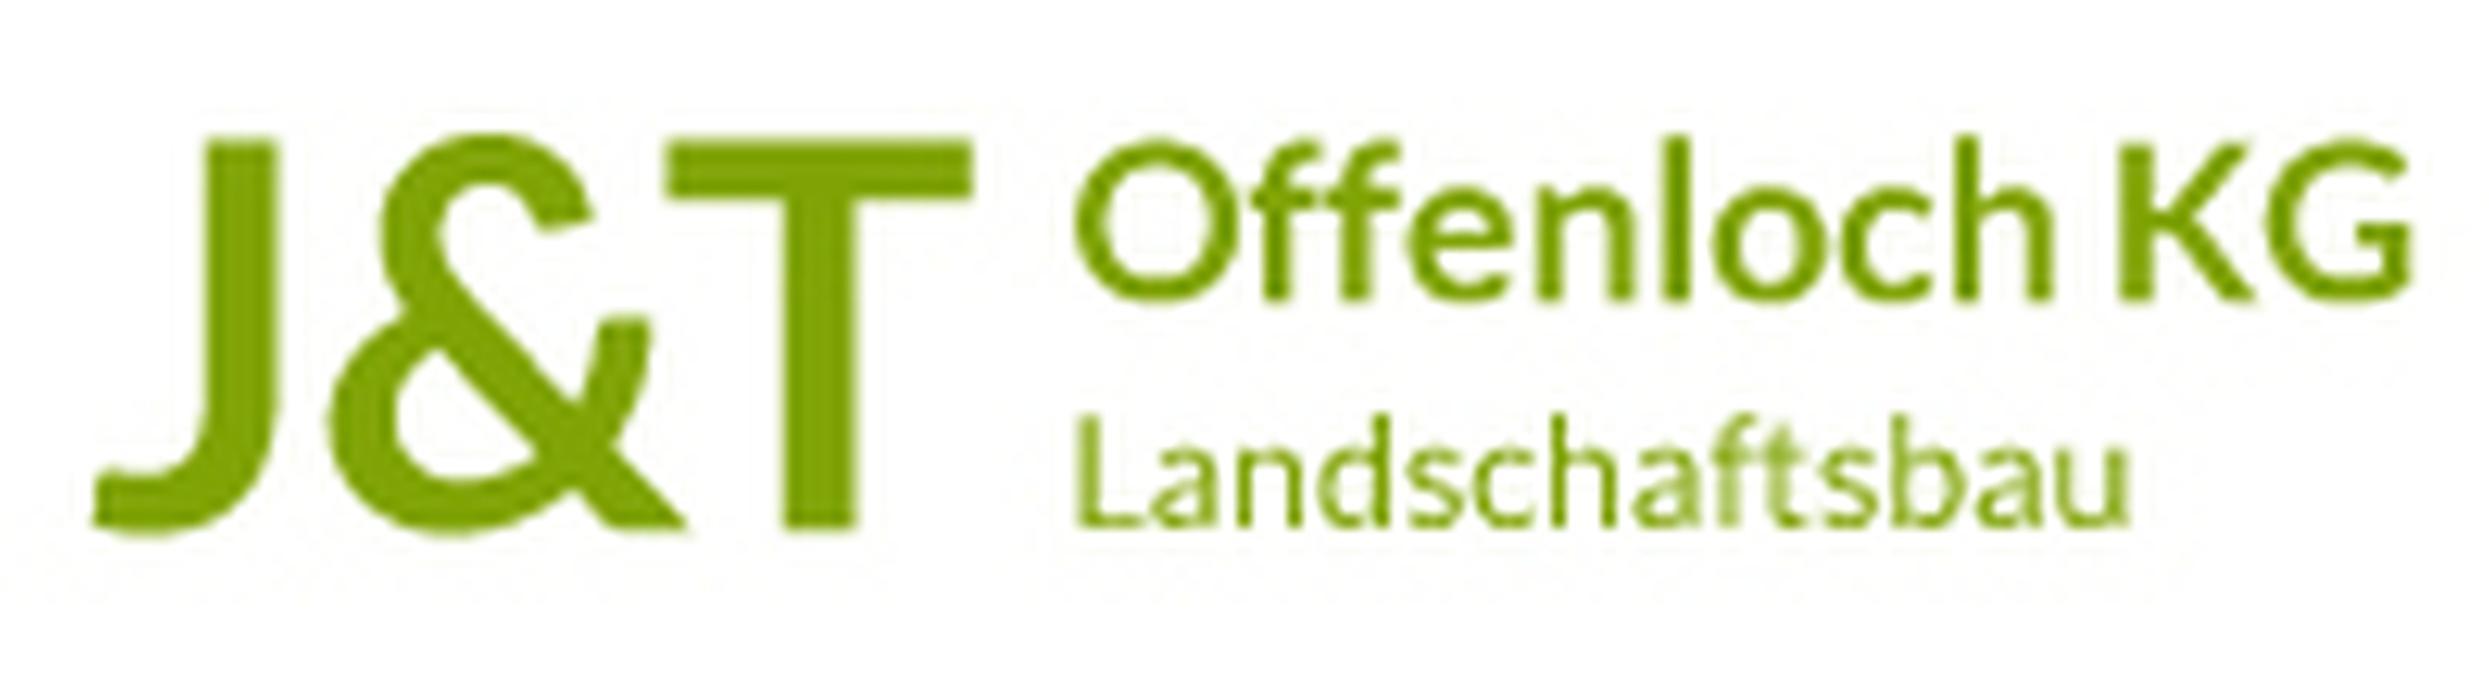 Bild zu J & T Offenloch KG in Mannheim